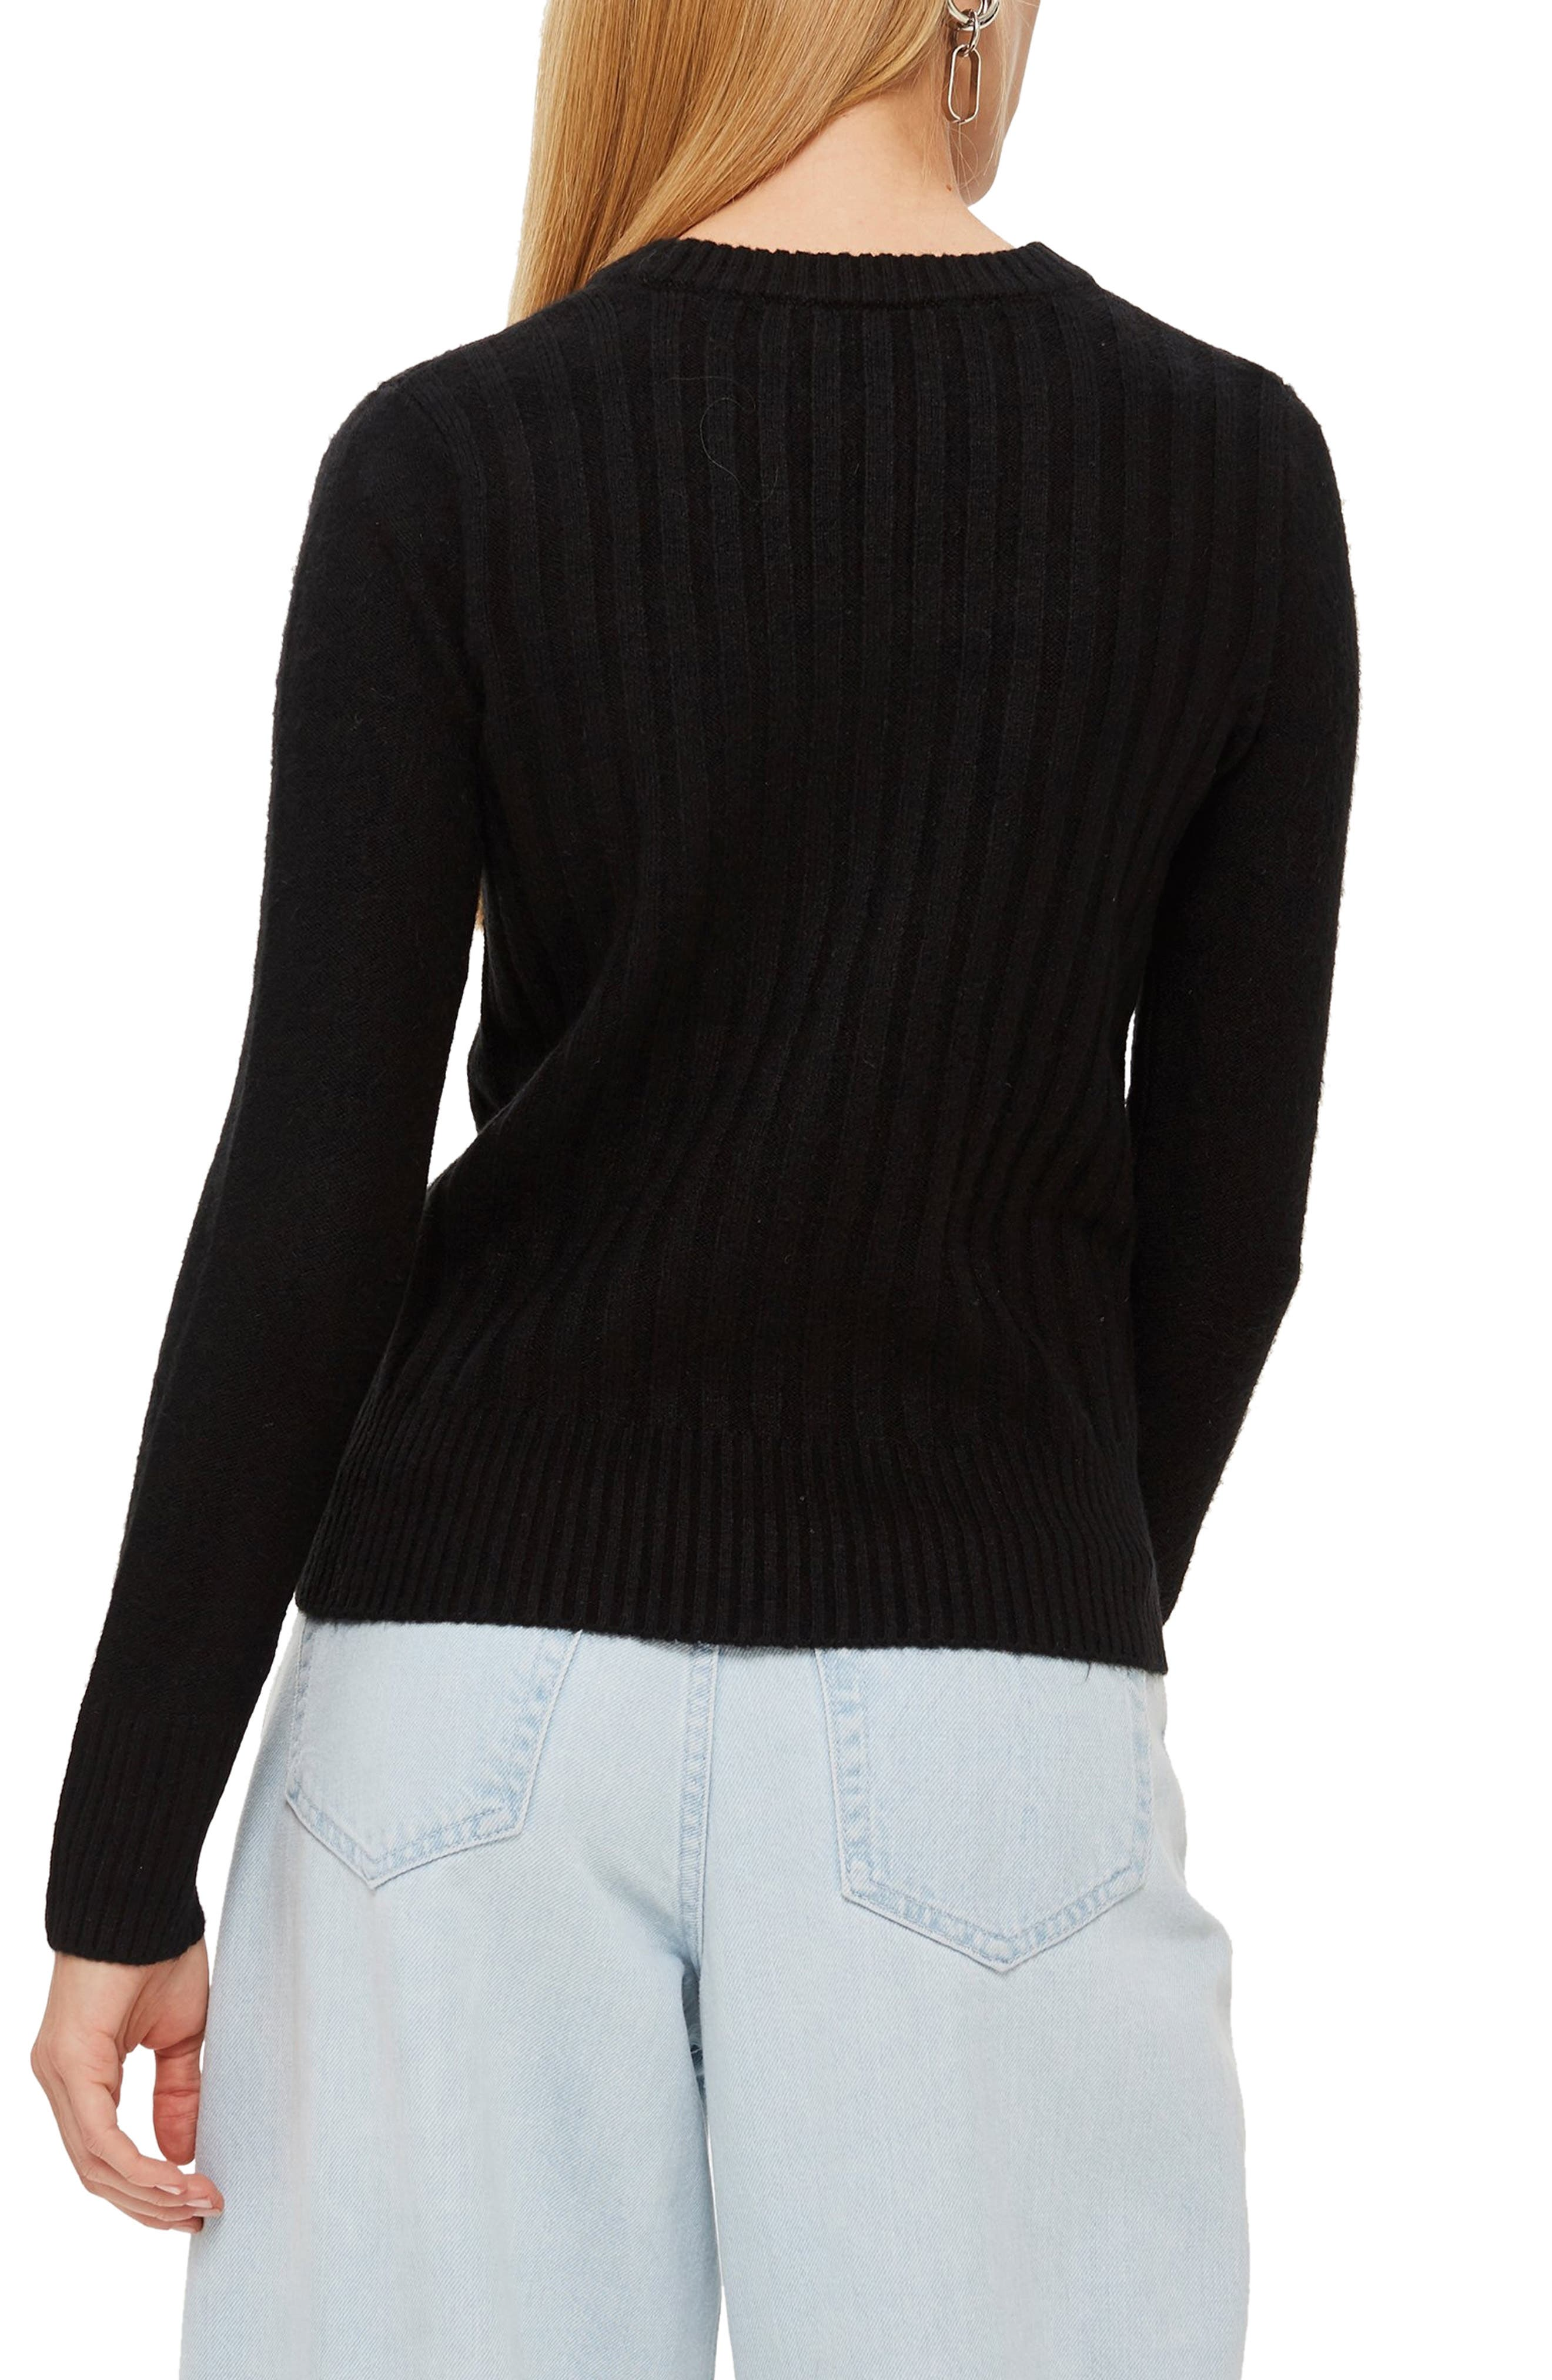 TOPSHOP, Rib Sweater, Alternate thumbnail 2, color, BLACK